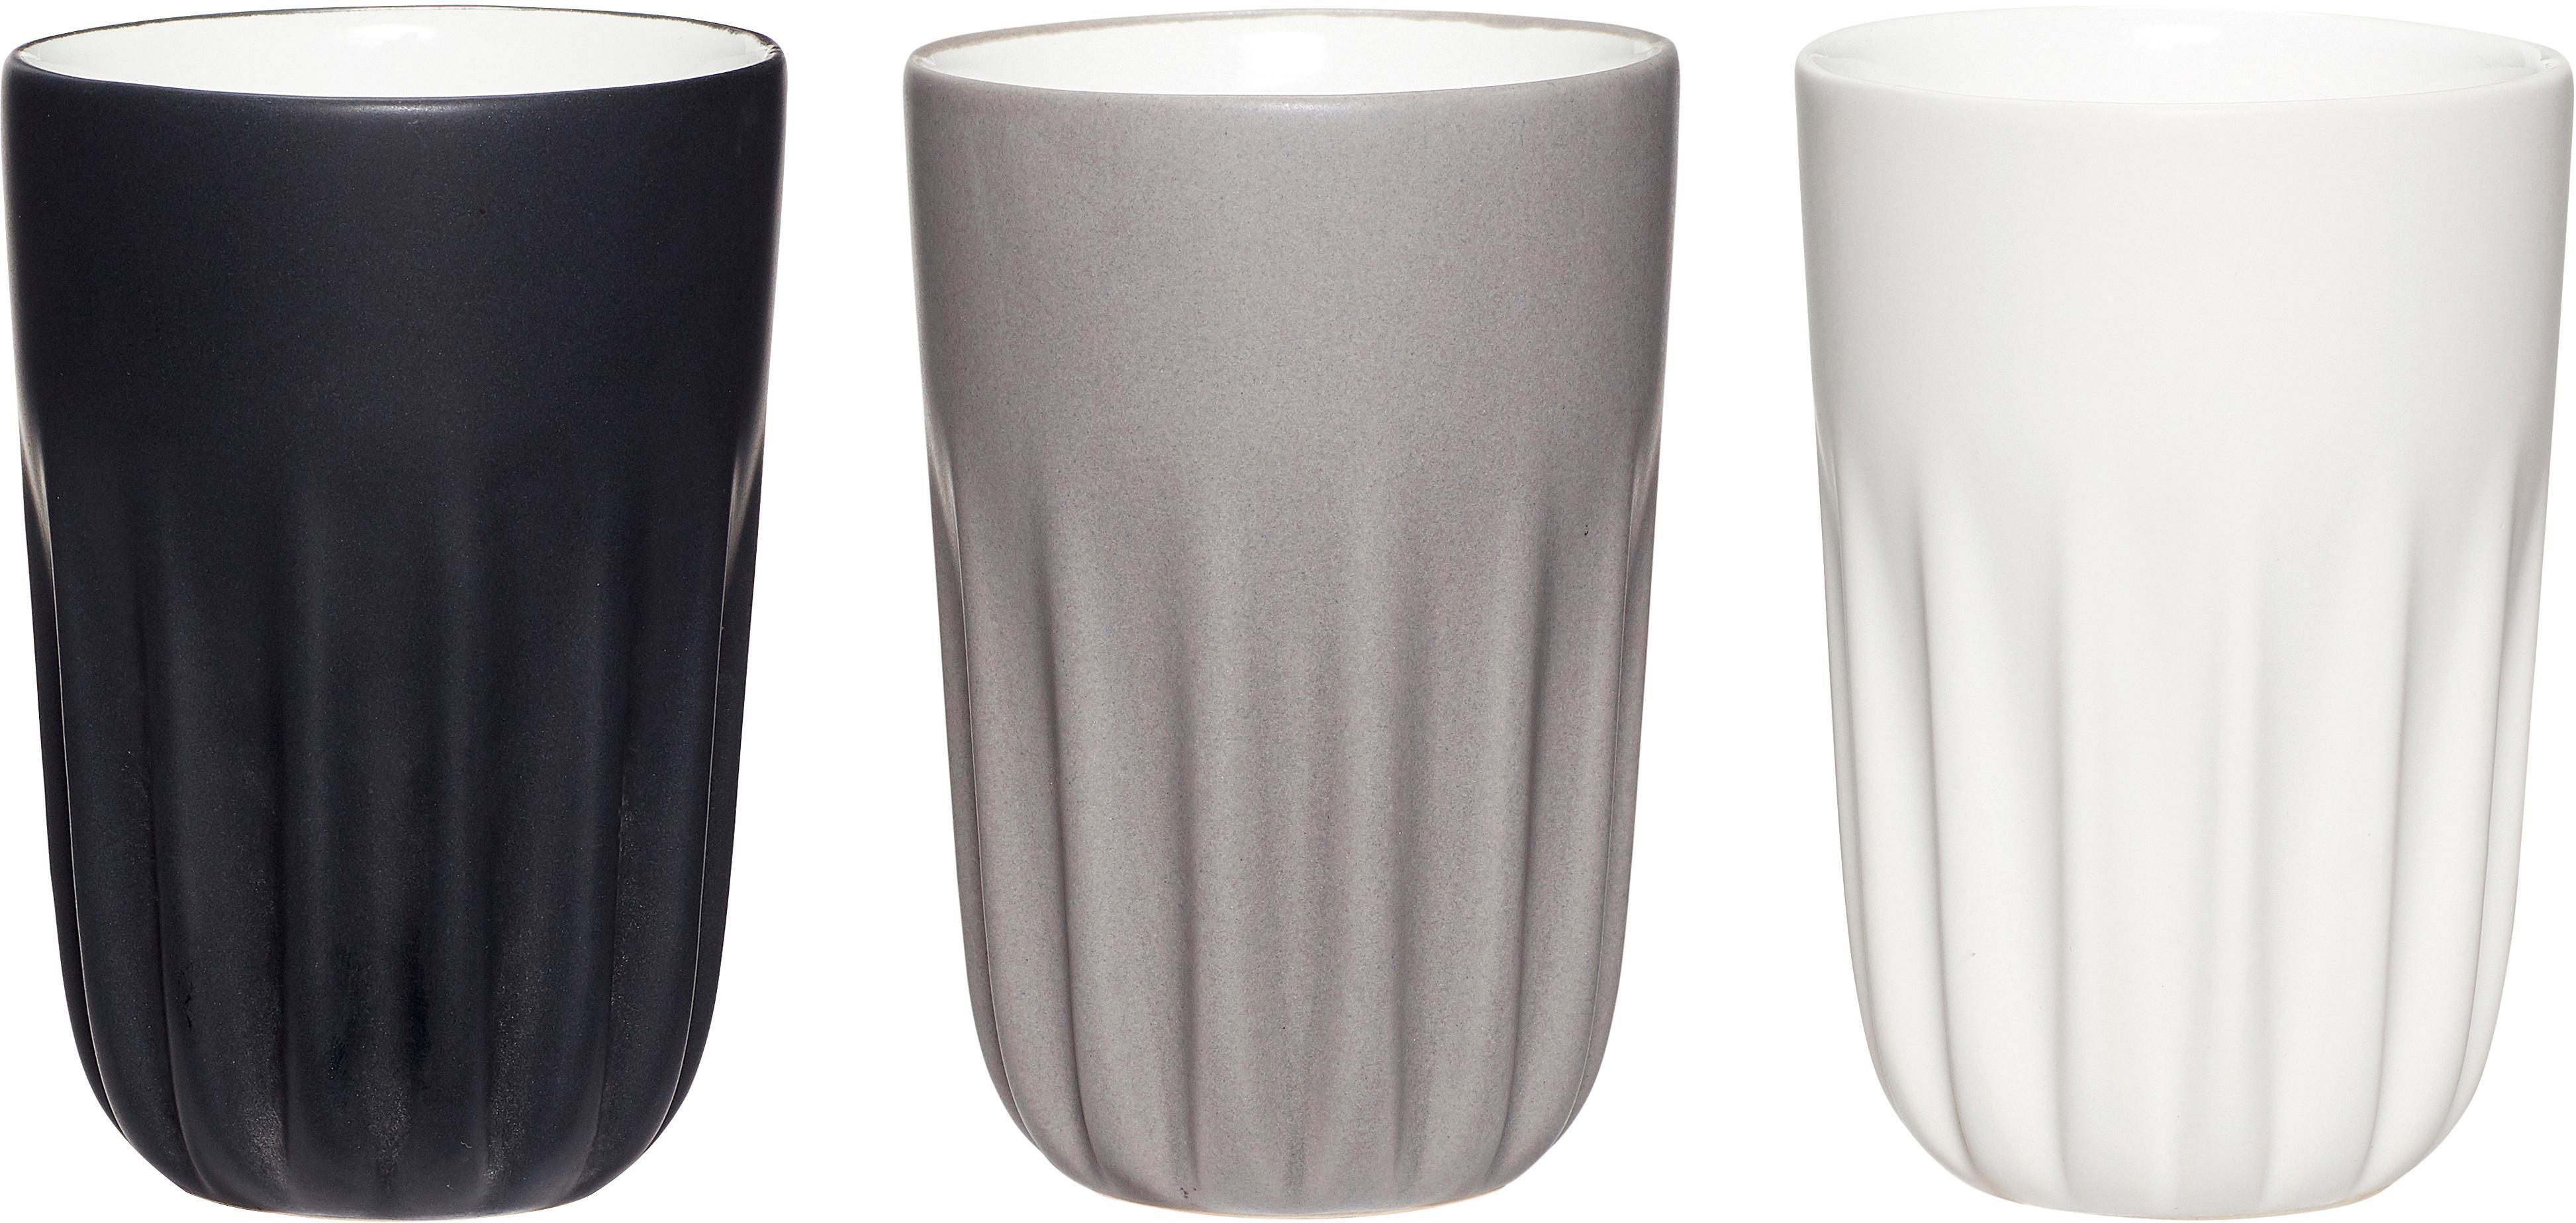 Komplet kubków z ceramiki Erlang, 3 elem., Ceramika, Biały, czarny, szary, Ø 8 x W 12 cm